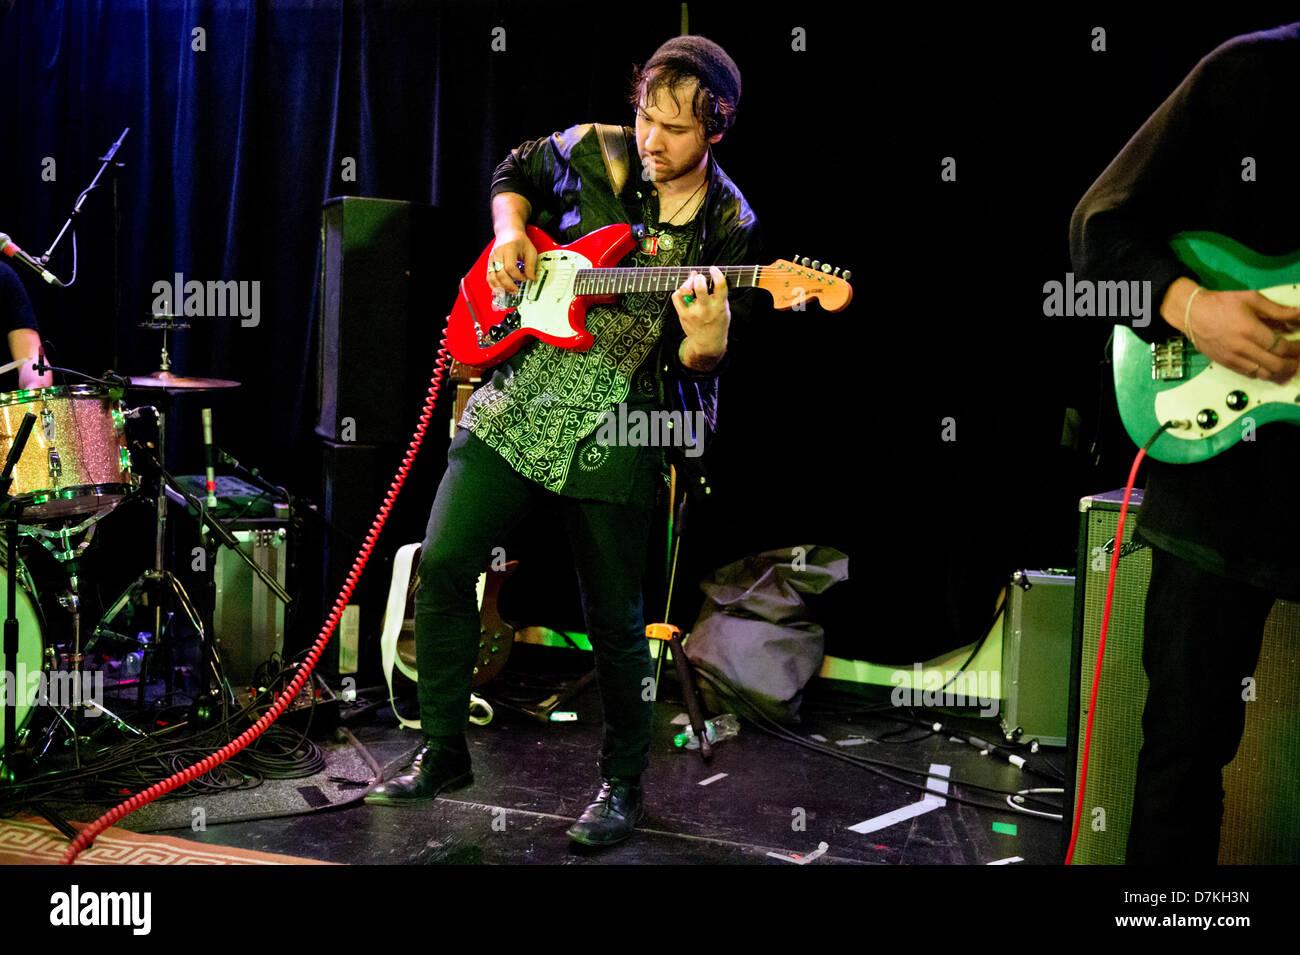 Birmingham, UK. Le groupe de rock alternatif Unknown Mortal Orchestra (de Nouvelle-Zélande et États-Unis) en concert à Birmingham Institure 8 mai 2013. Ruban Nielson le chanteur et guitariste. Banque D'Images